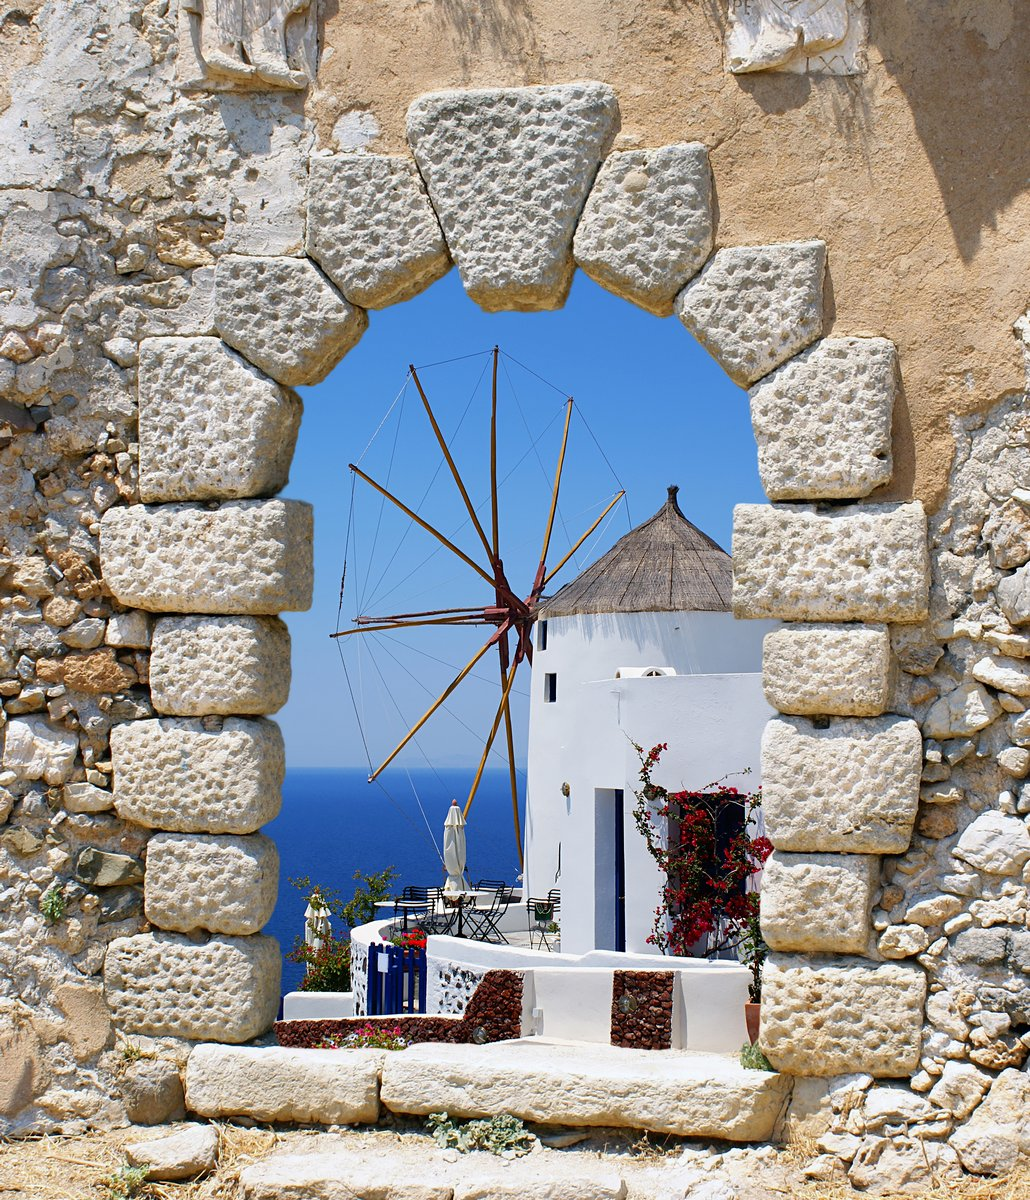 Постер Санторини Мельницу из старого венецианского окна, ГрецияСанторини<br>Постер на холсте или бумаге. Любого нужного вам размера. В раме или без. Подвес в комплекте. Трехслойная надежная упаковка. Доставим в любую точку России. Вам осталось только повесить картину на стену!<br>